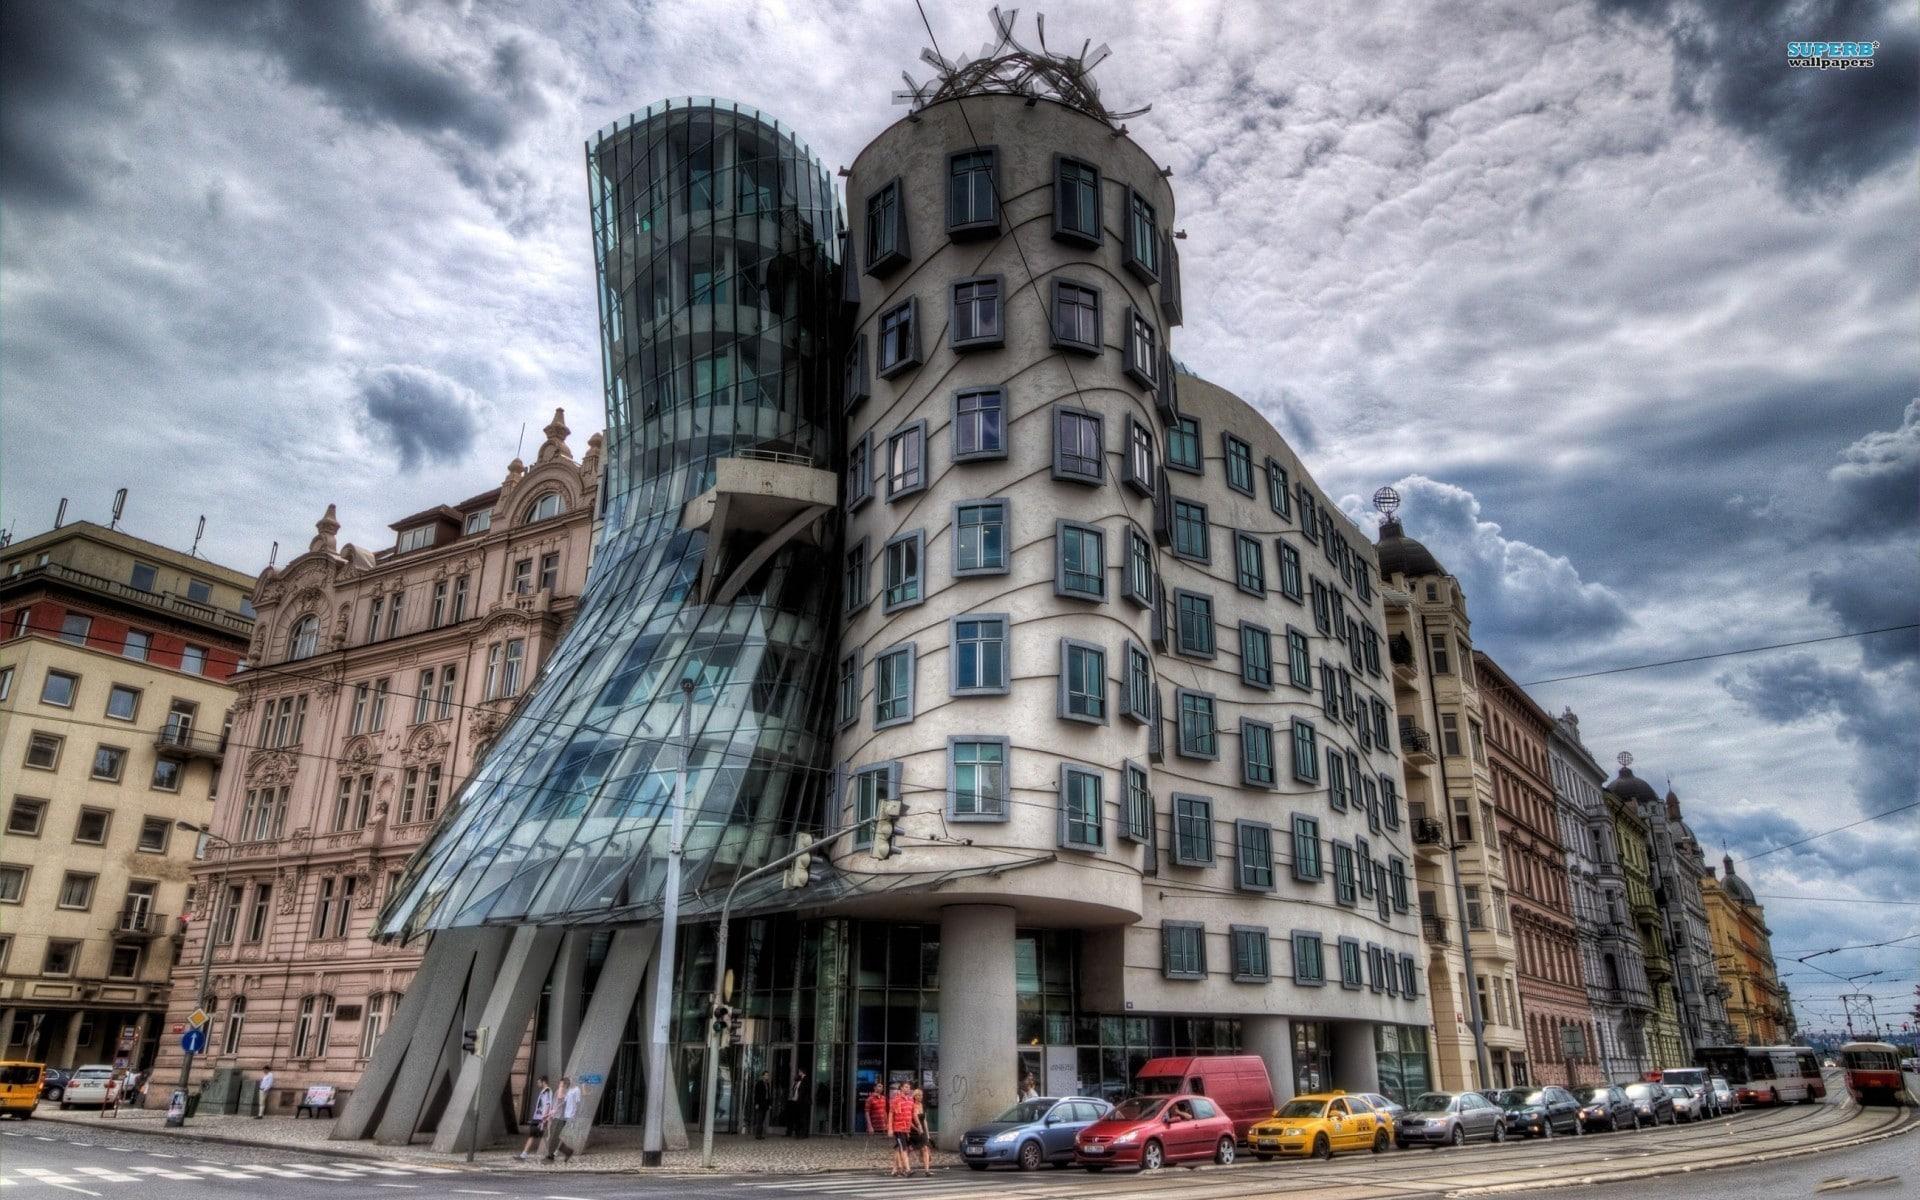 Casa care dansează - un exemplu de arhitectură modernă din Praga